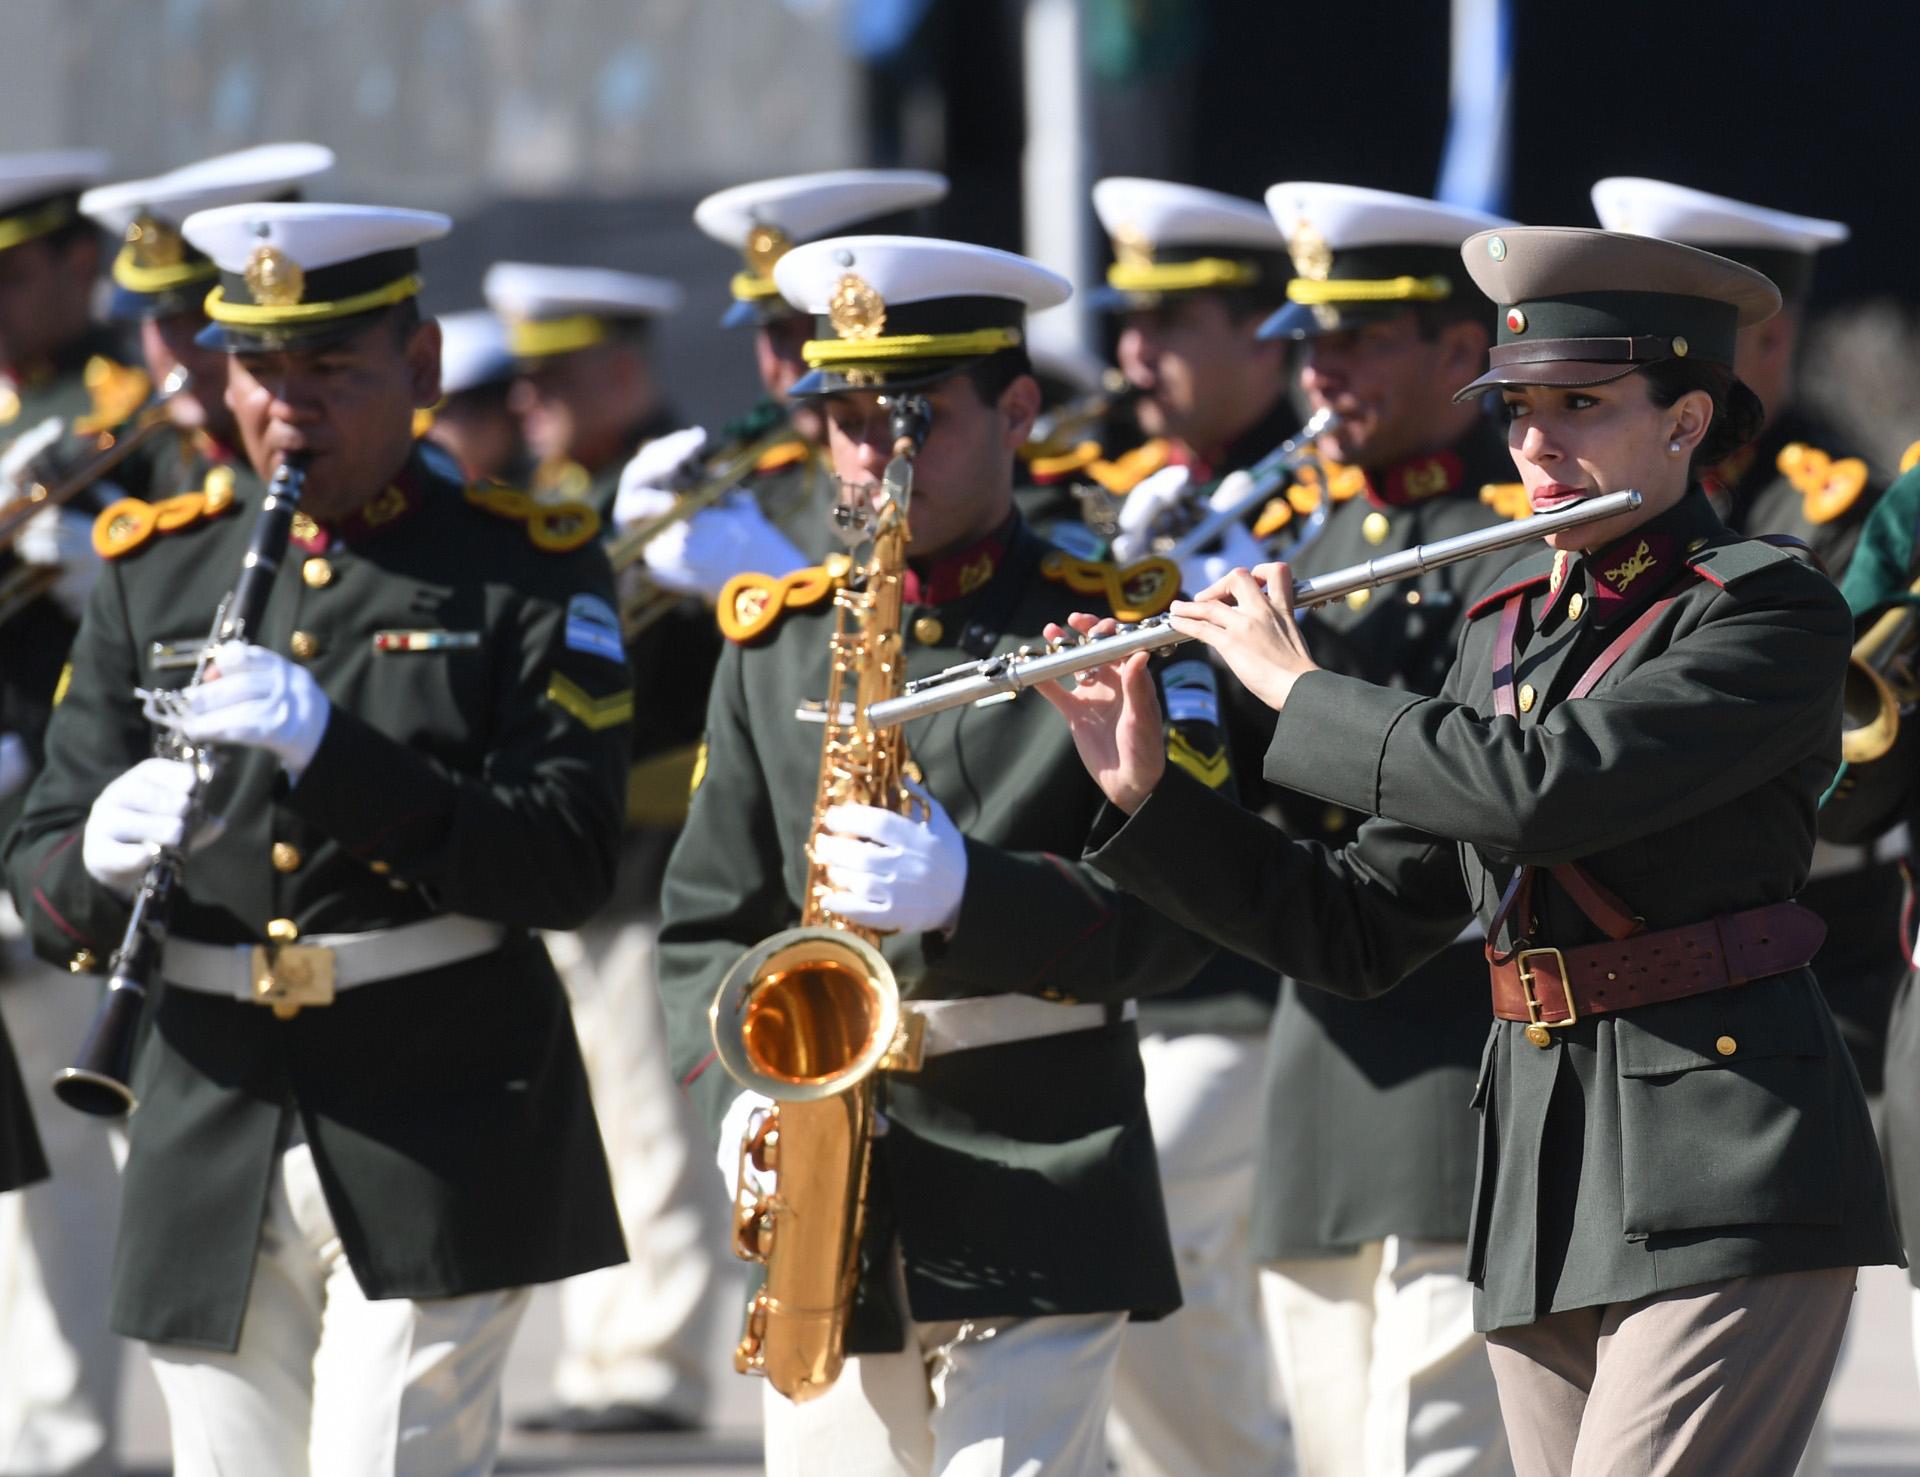 La Gendarmería tiene la misión de satisfacer necesidades de seguridad interior, de la Defensa Nacional, y apoyar la política exterior de la Nación